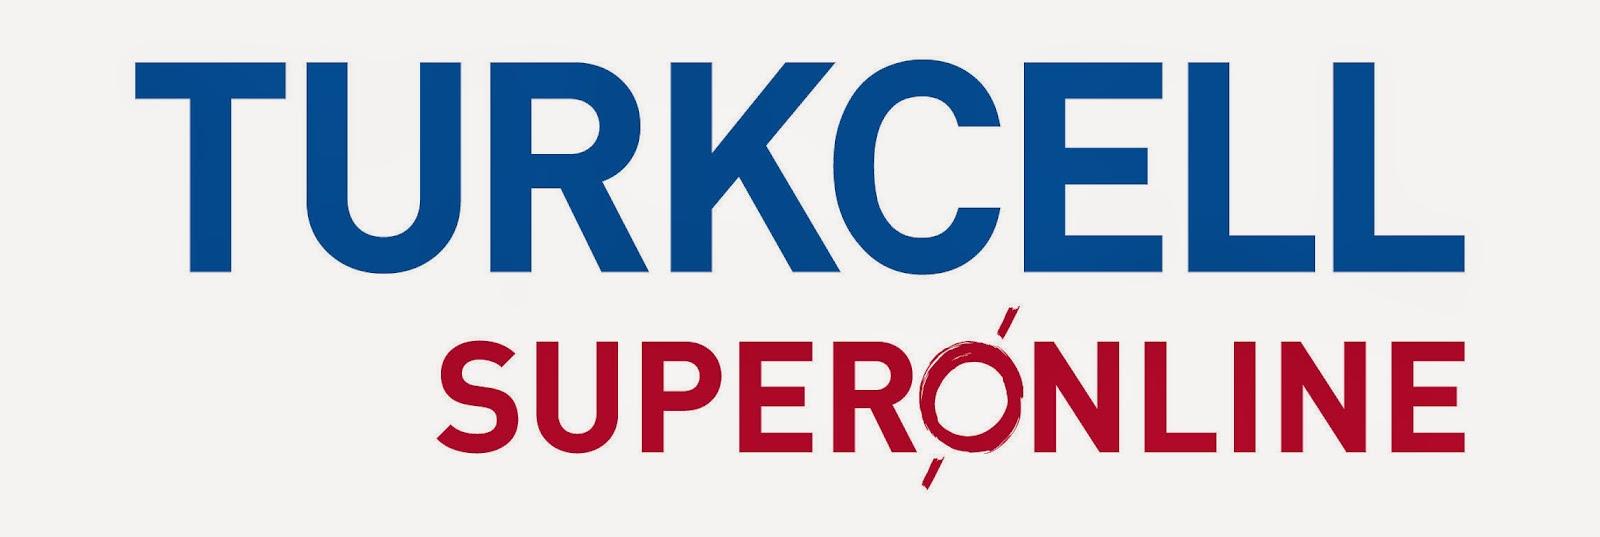 Turkcell Superonline ve Hizlial.com Kampanyaları